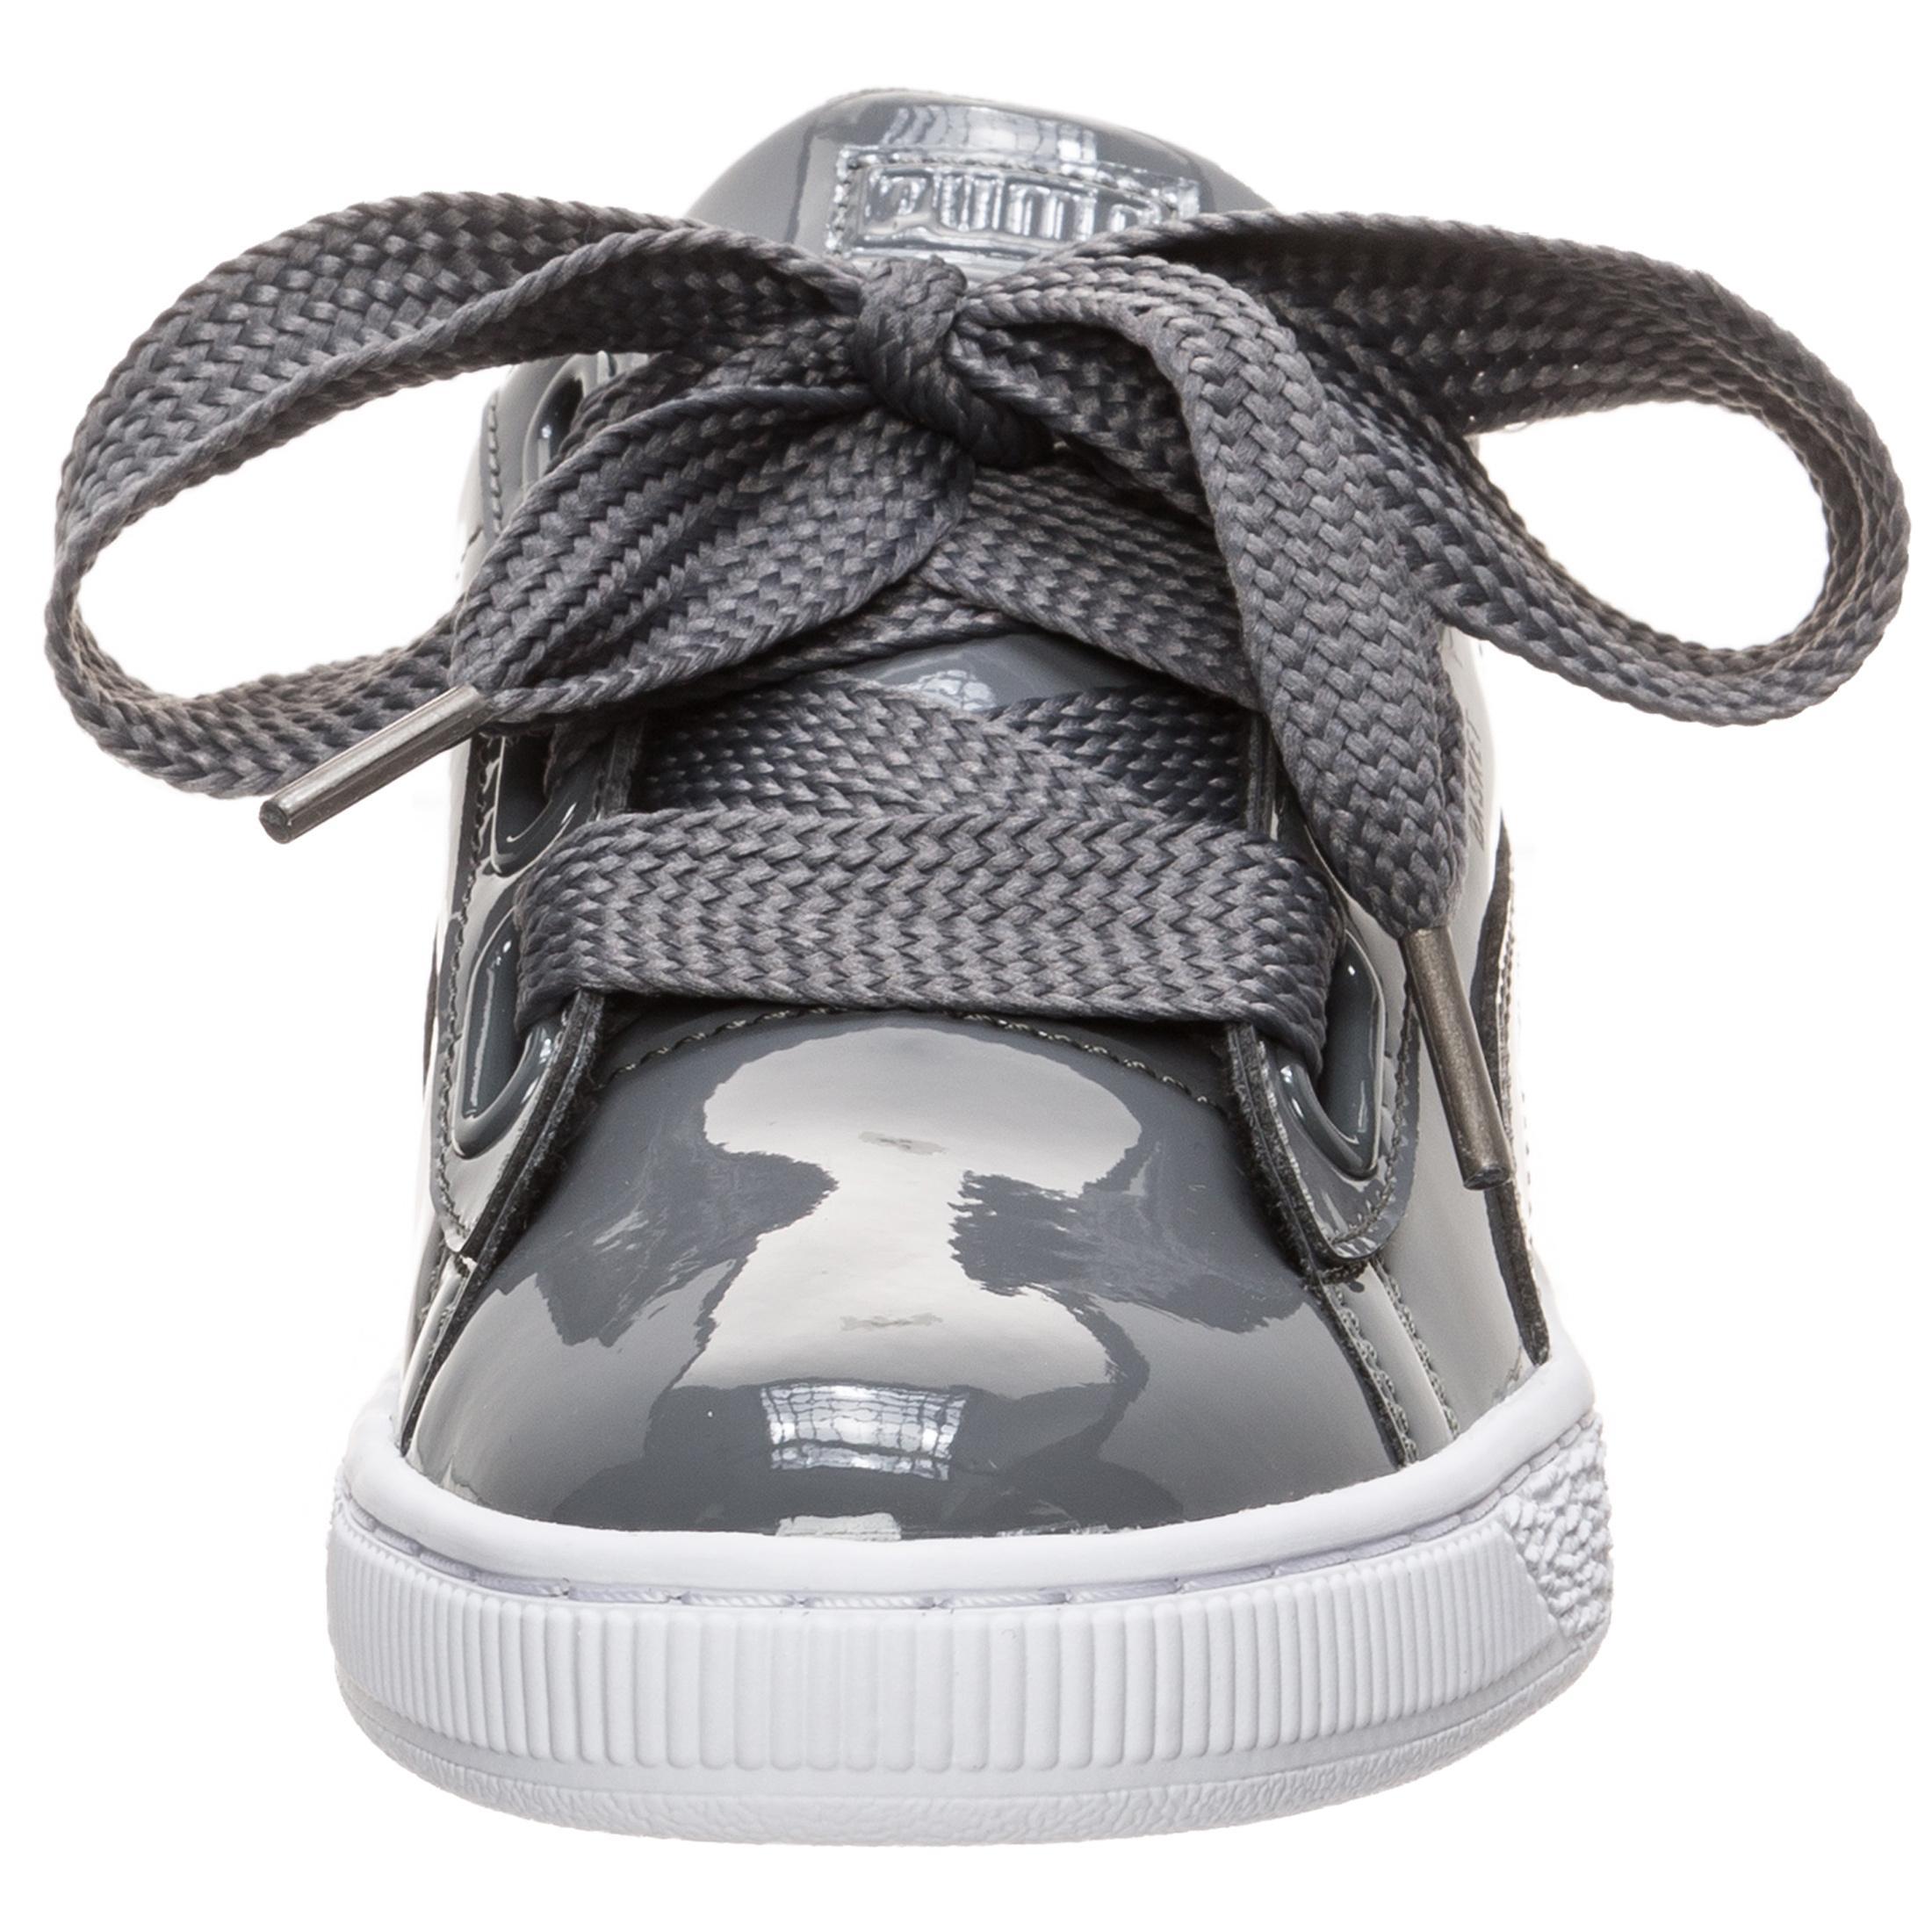 PUMA Basket Heart Patent Turnschuhe Damen grau im Online Shop Shop Shop von SportScheck kaufen Gute Qualität beliebte Schuhe c78c07